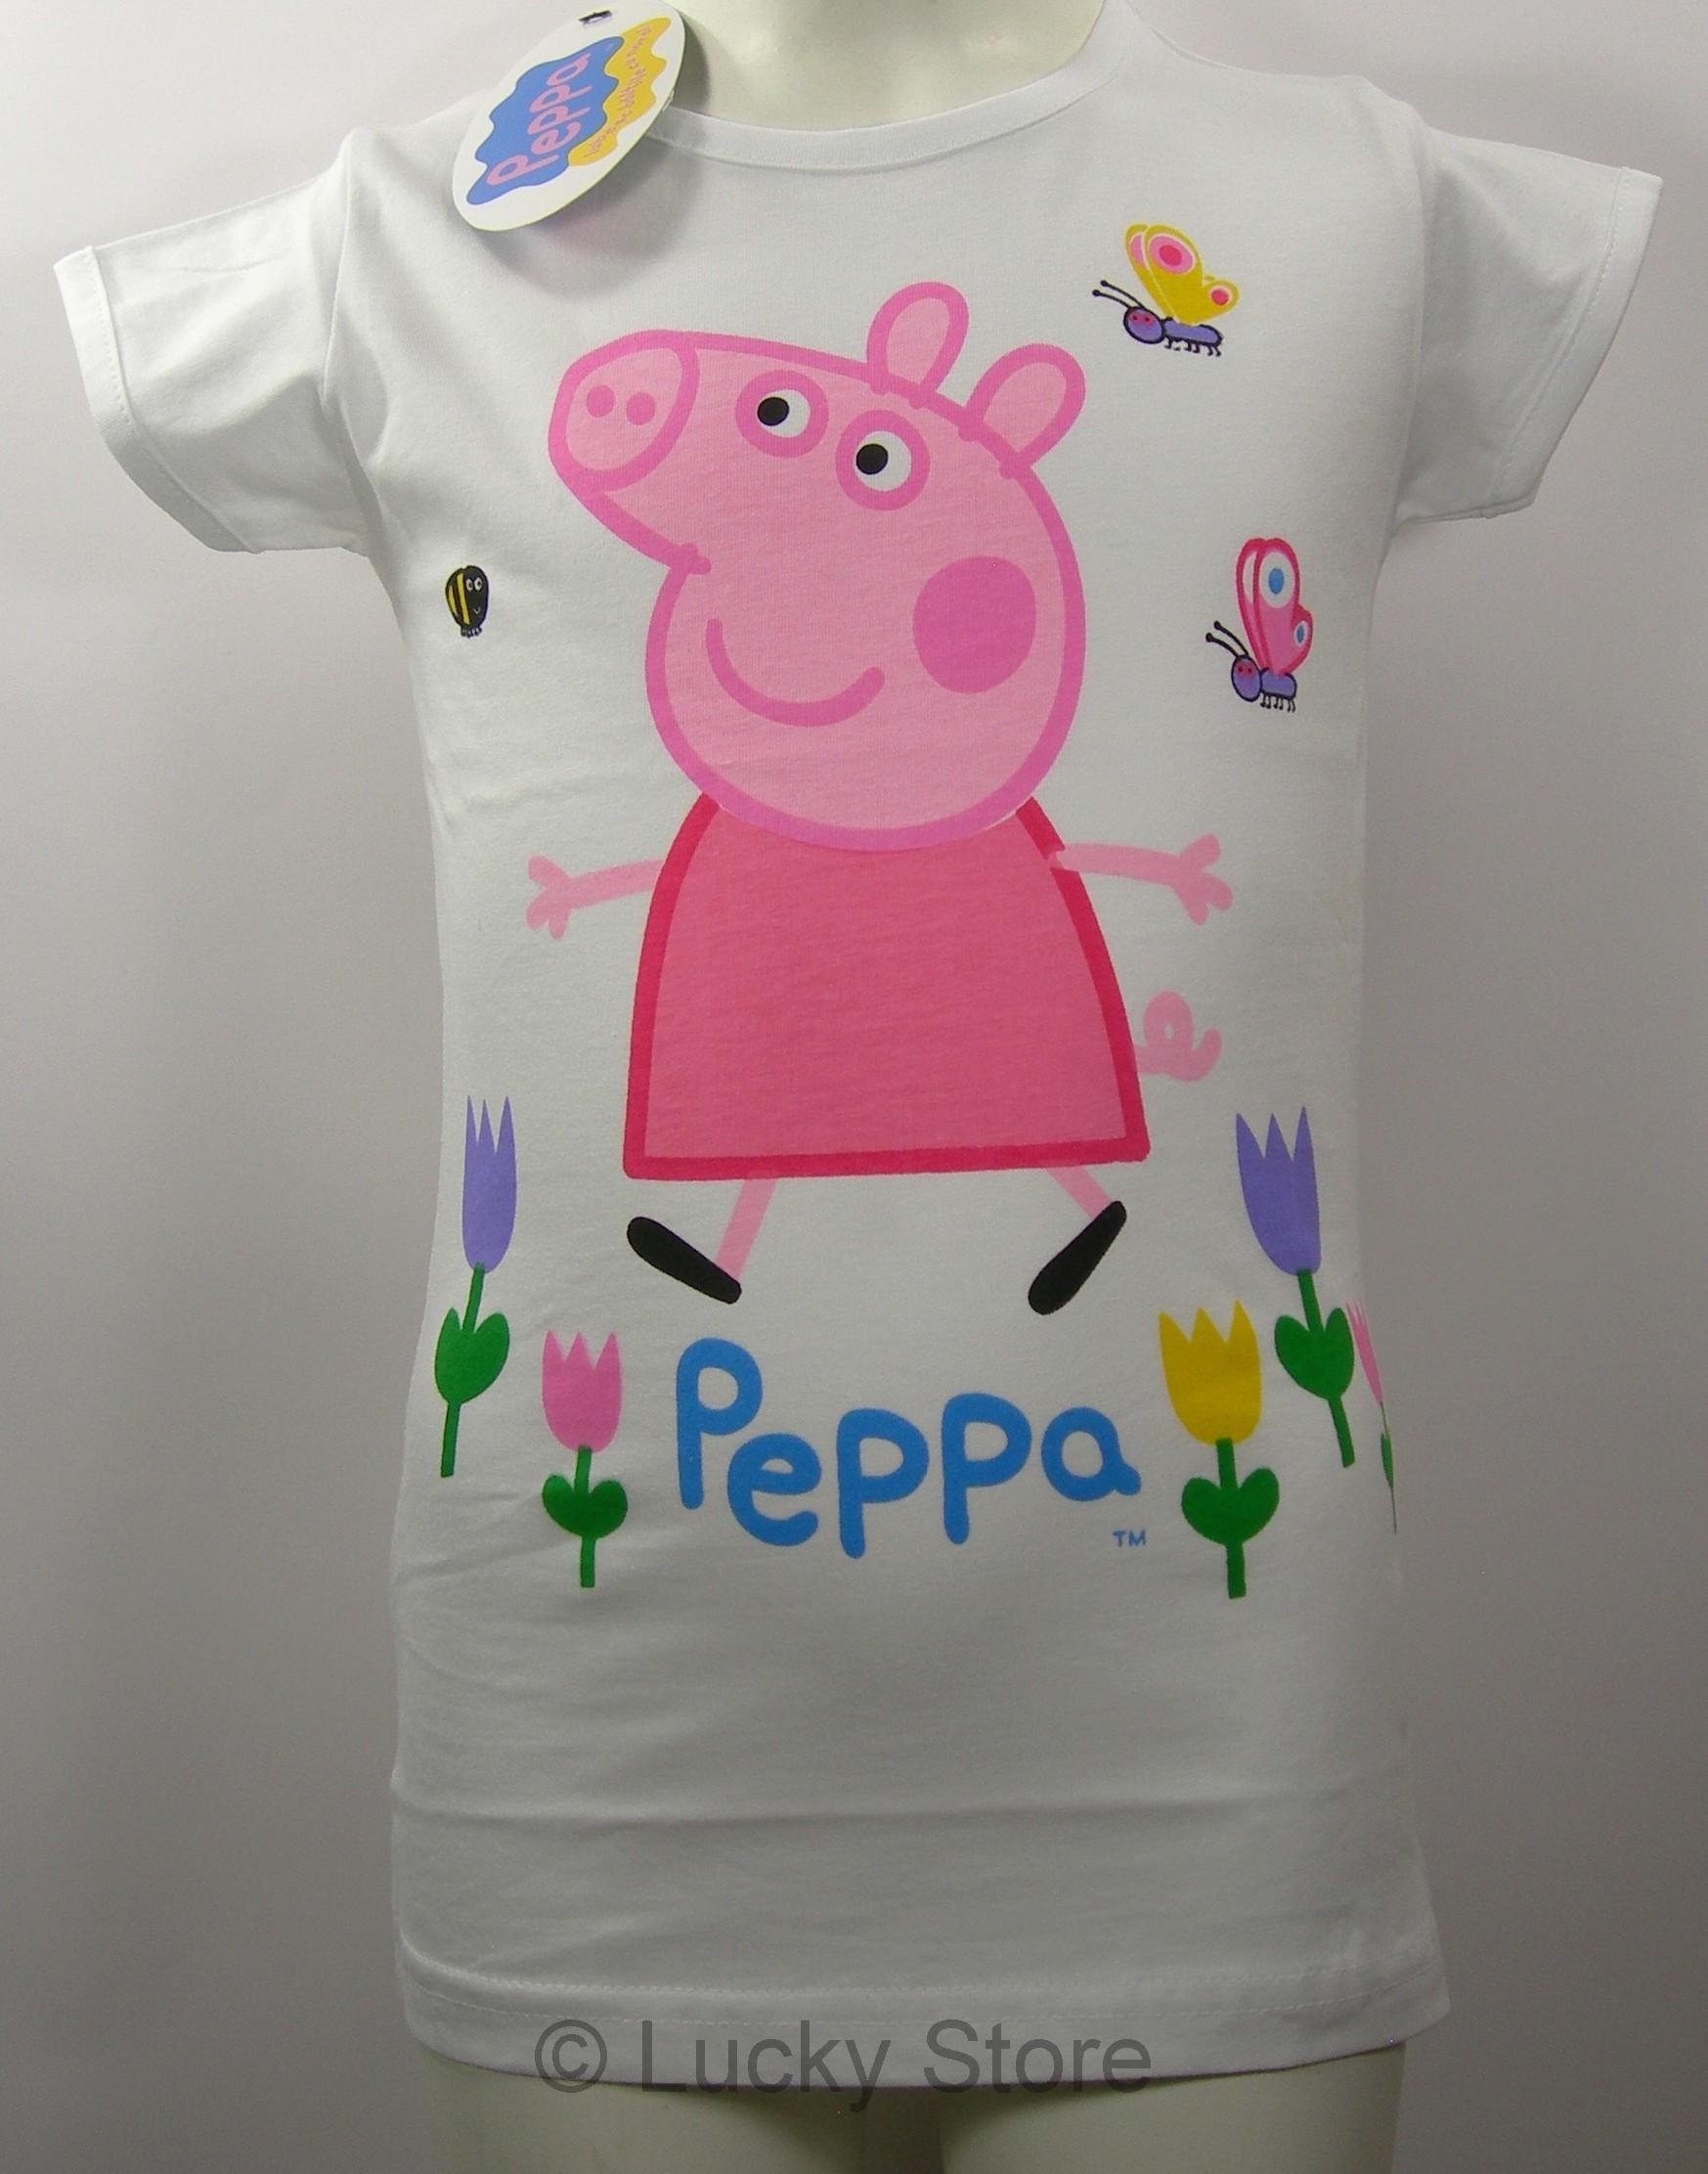 Peppa Pig t-shirt maglia bambina manica corta fiori farfalle nuova cotone